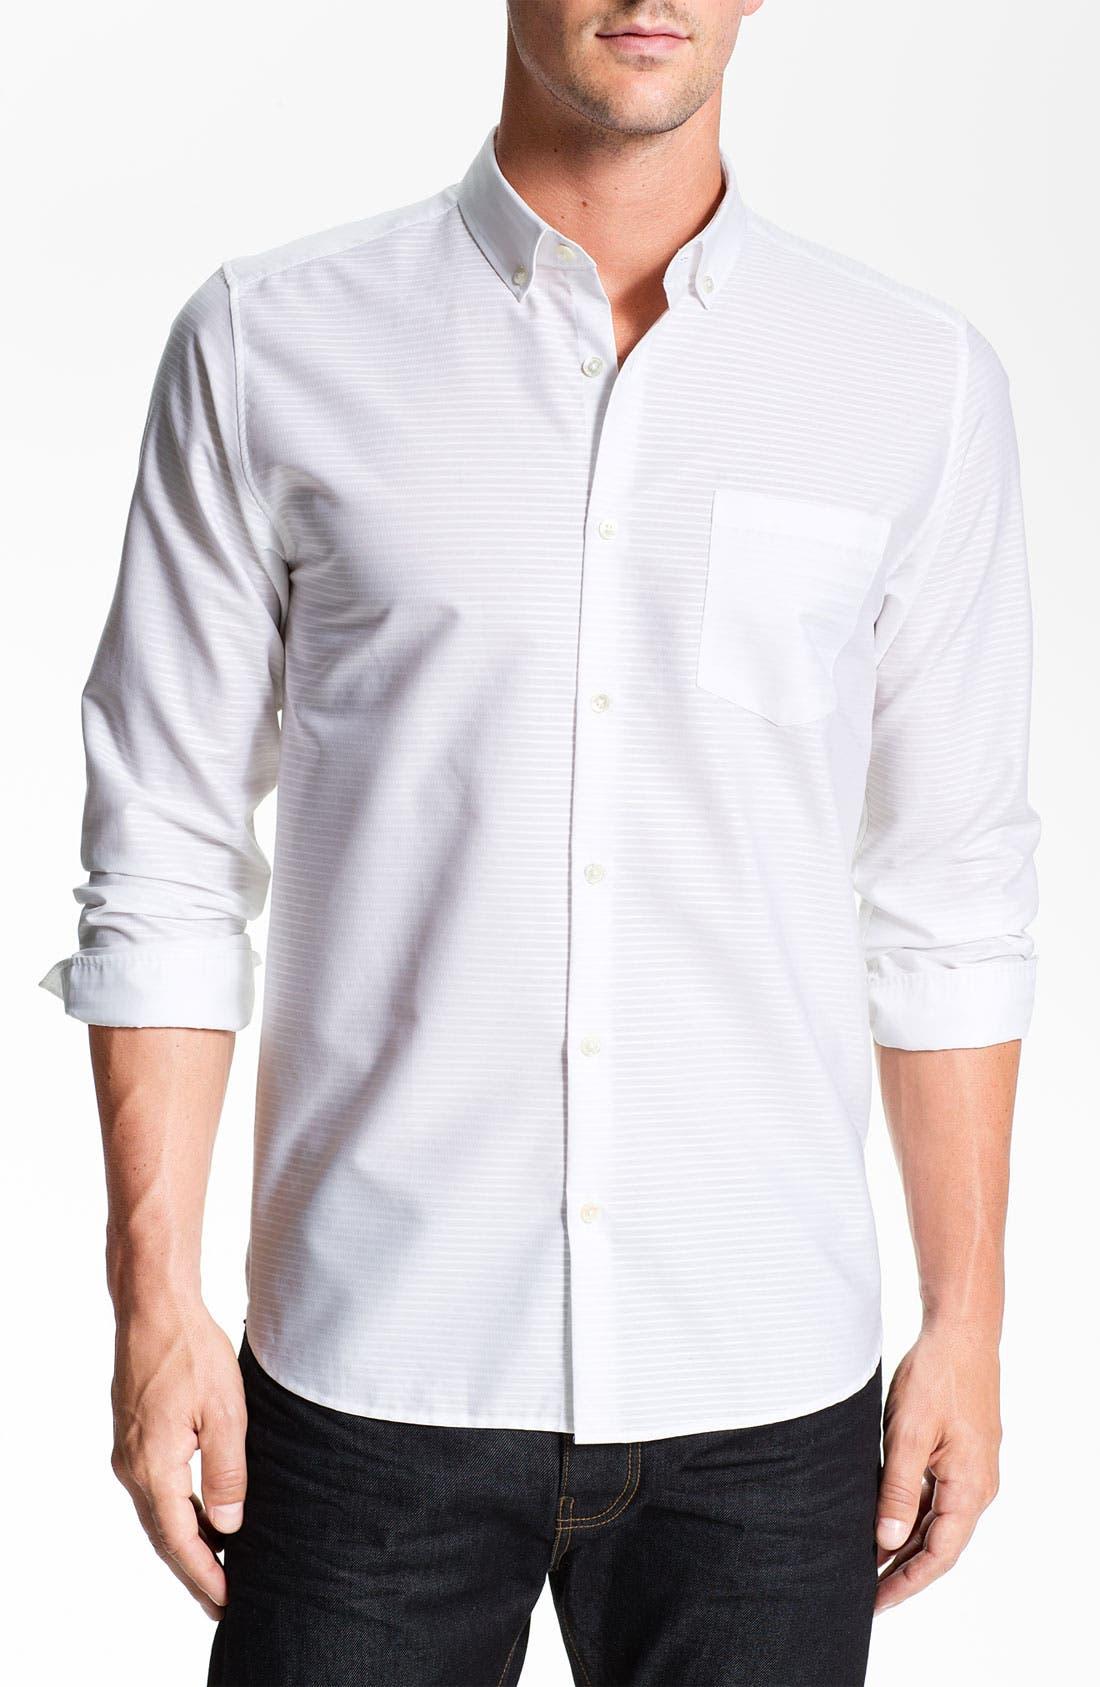 Main Image - Ted Baker London 'Whipit' Woven Sport Shirt